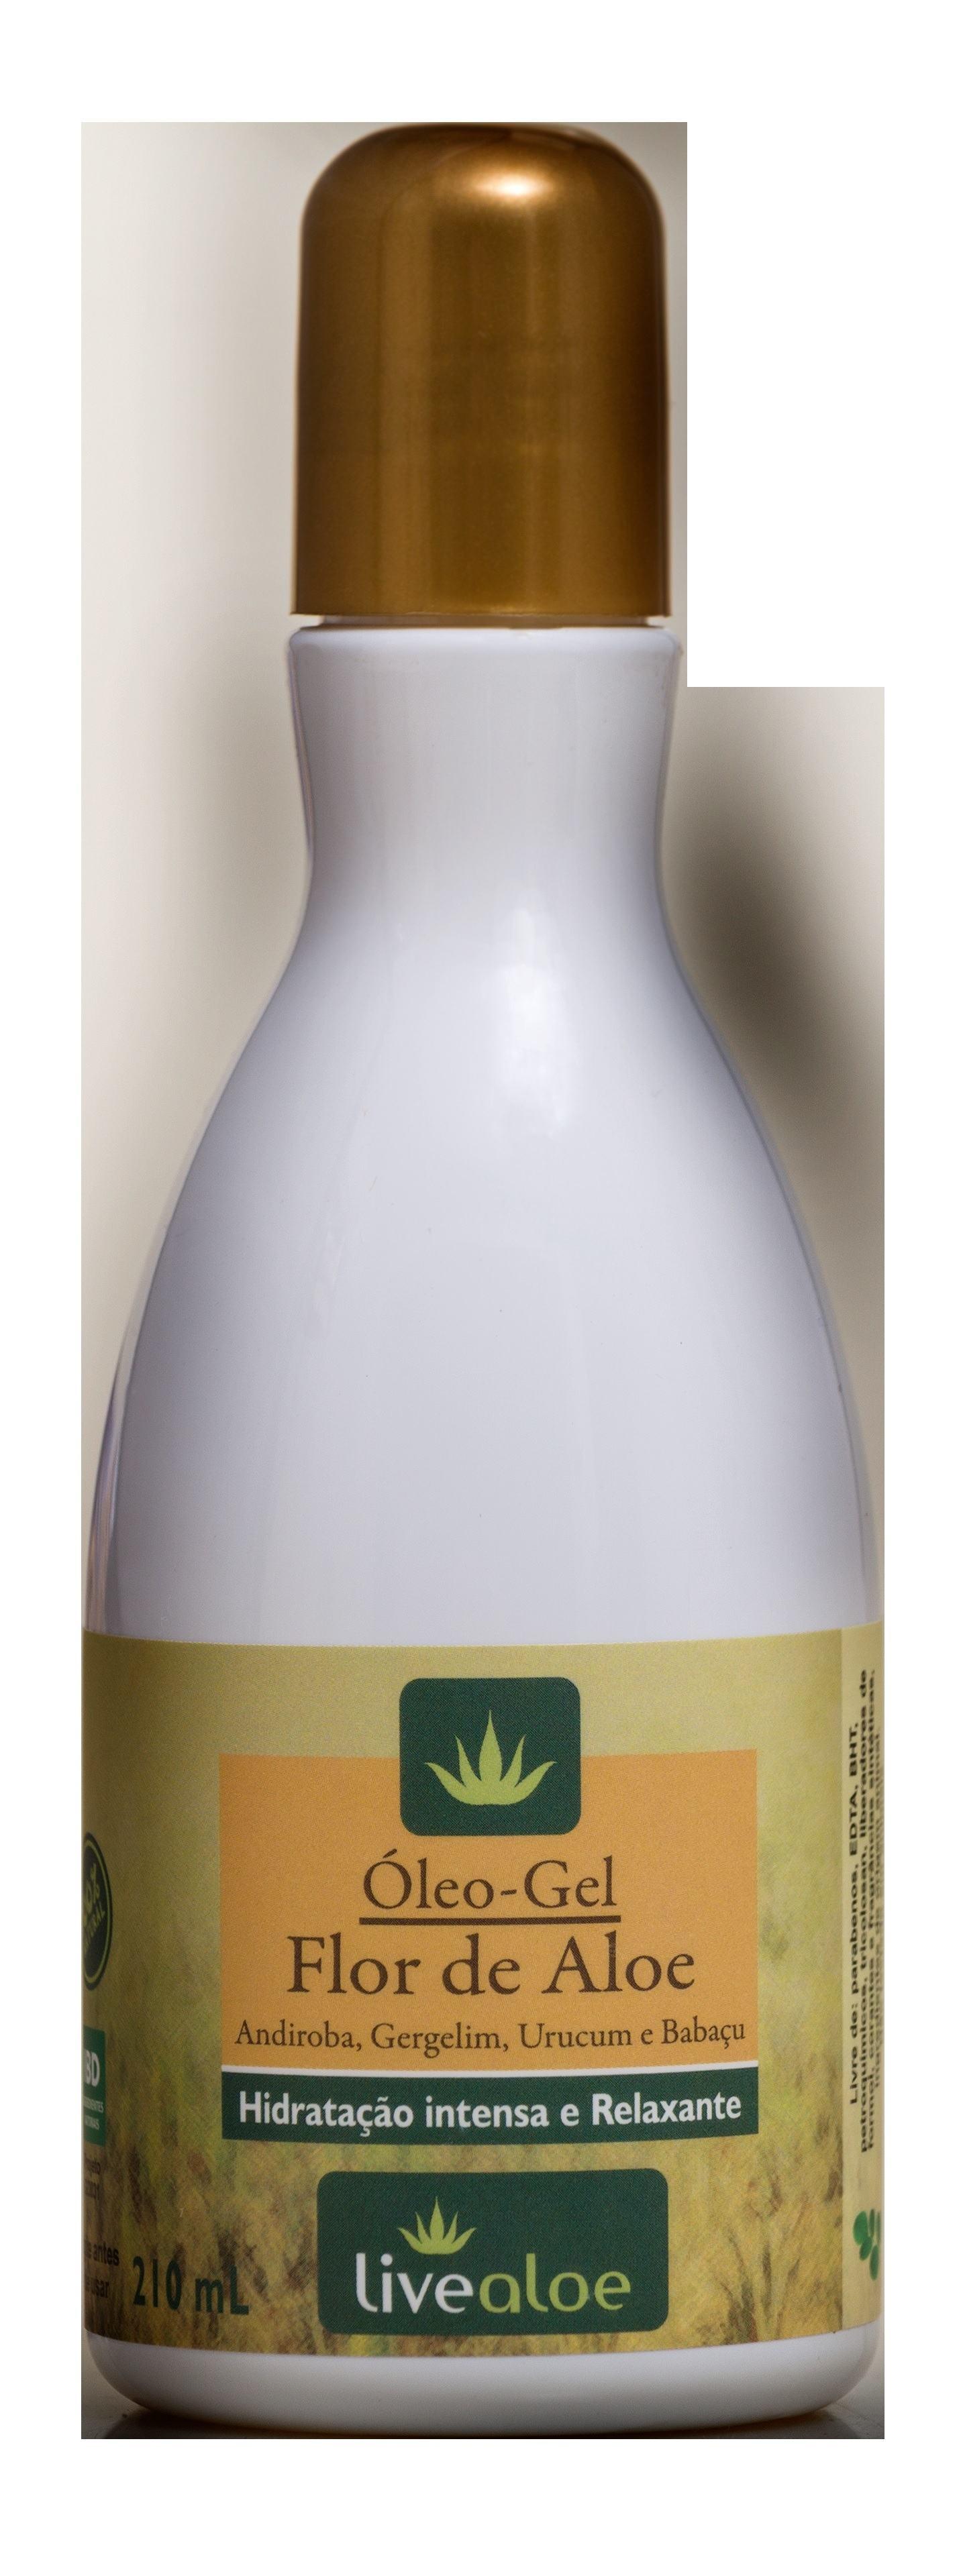 Óleo-Gel Flor de Aloe 210mL